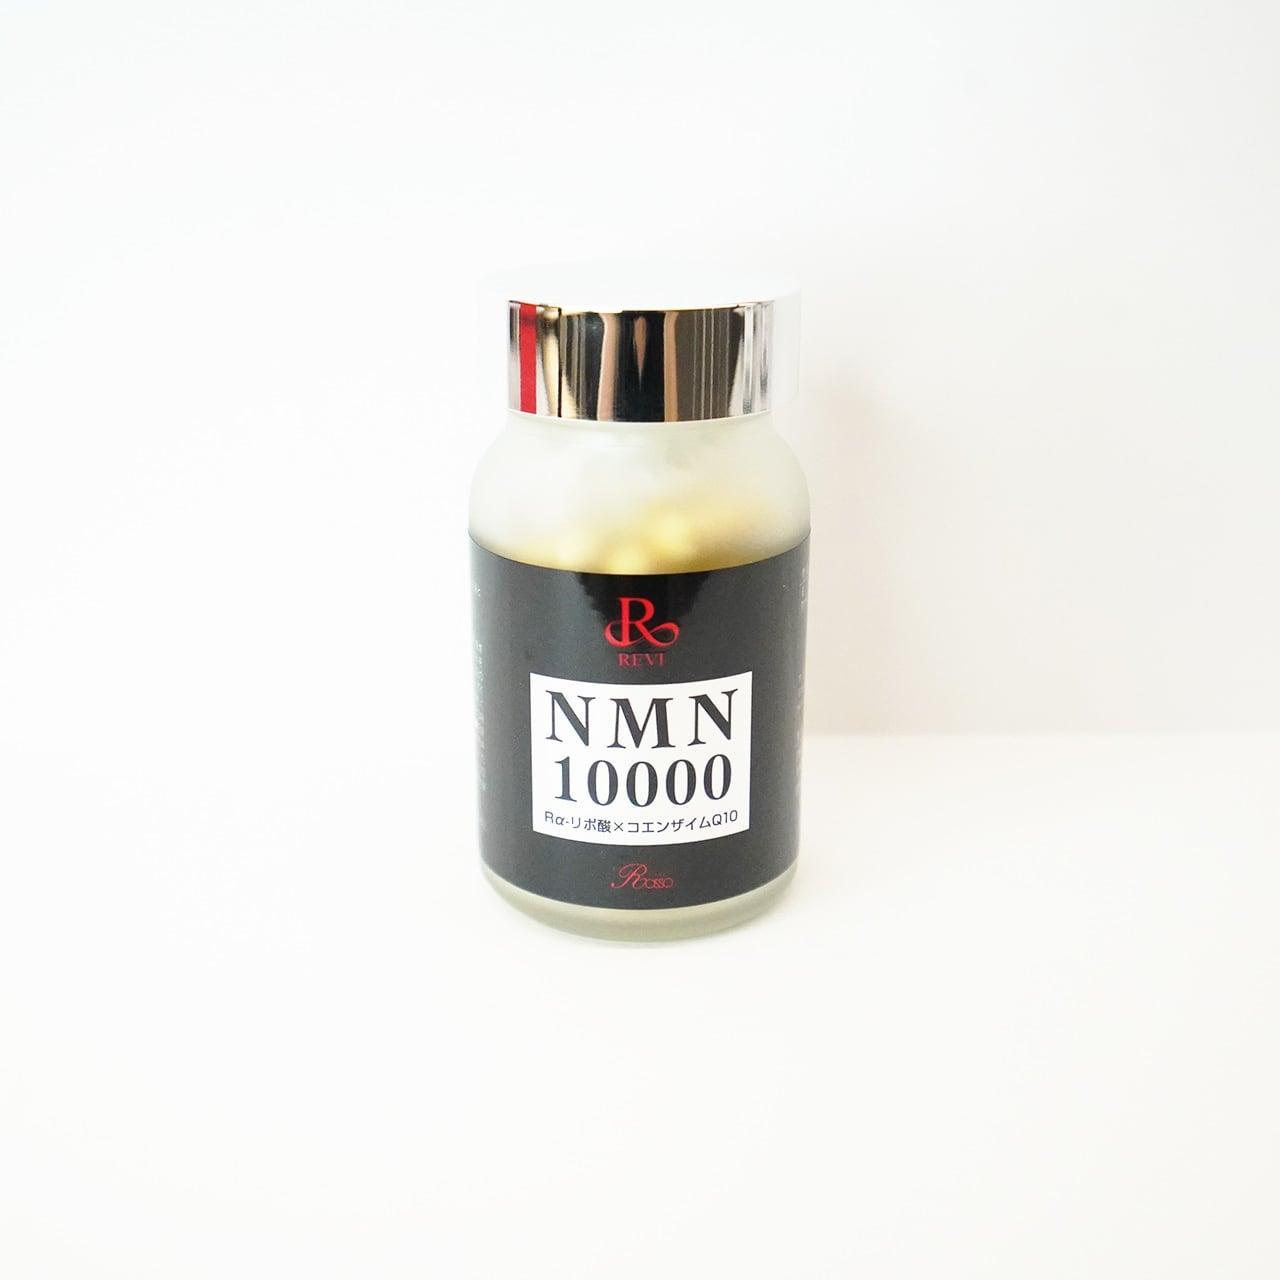 REVI NMN 10000